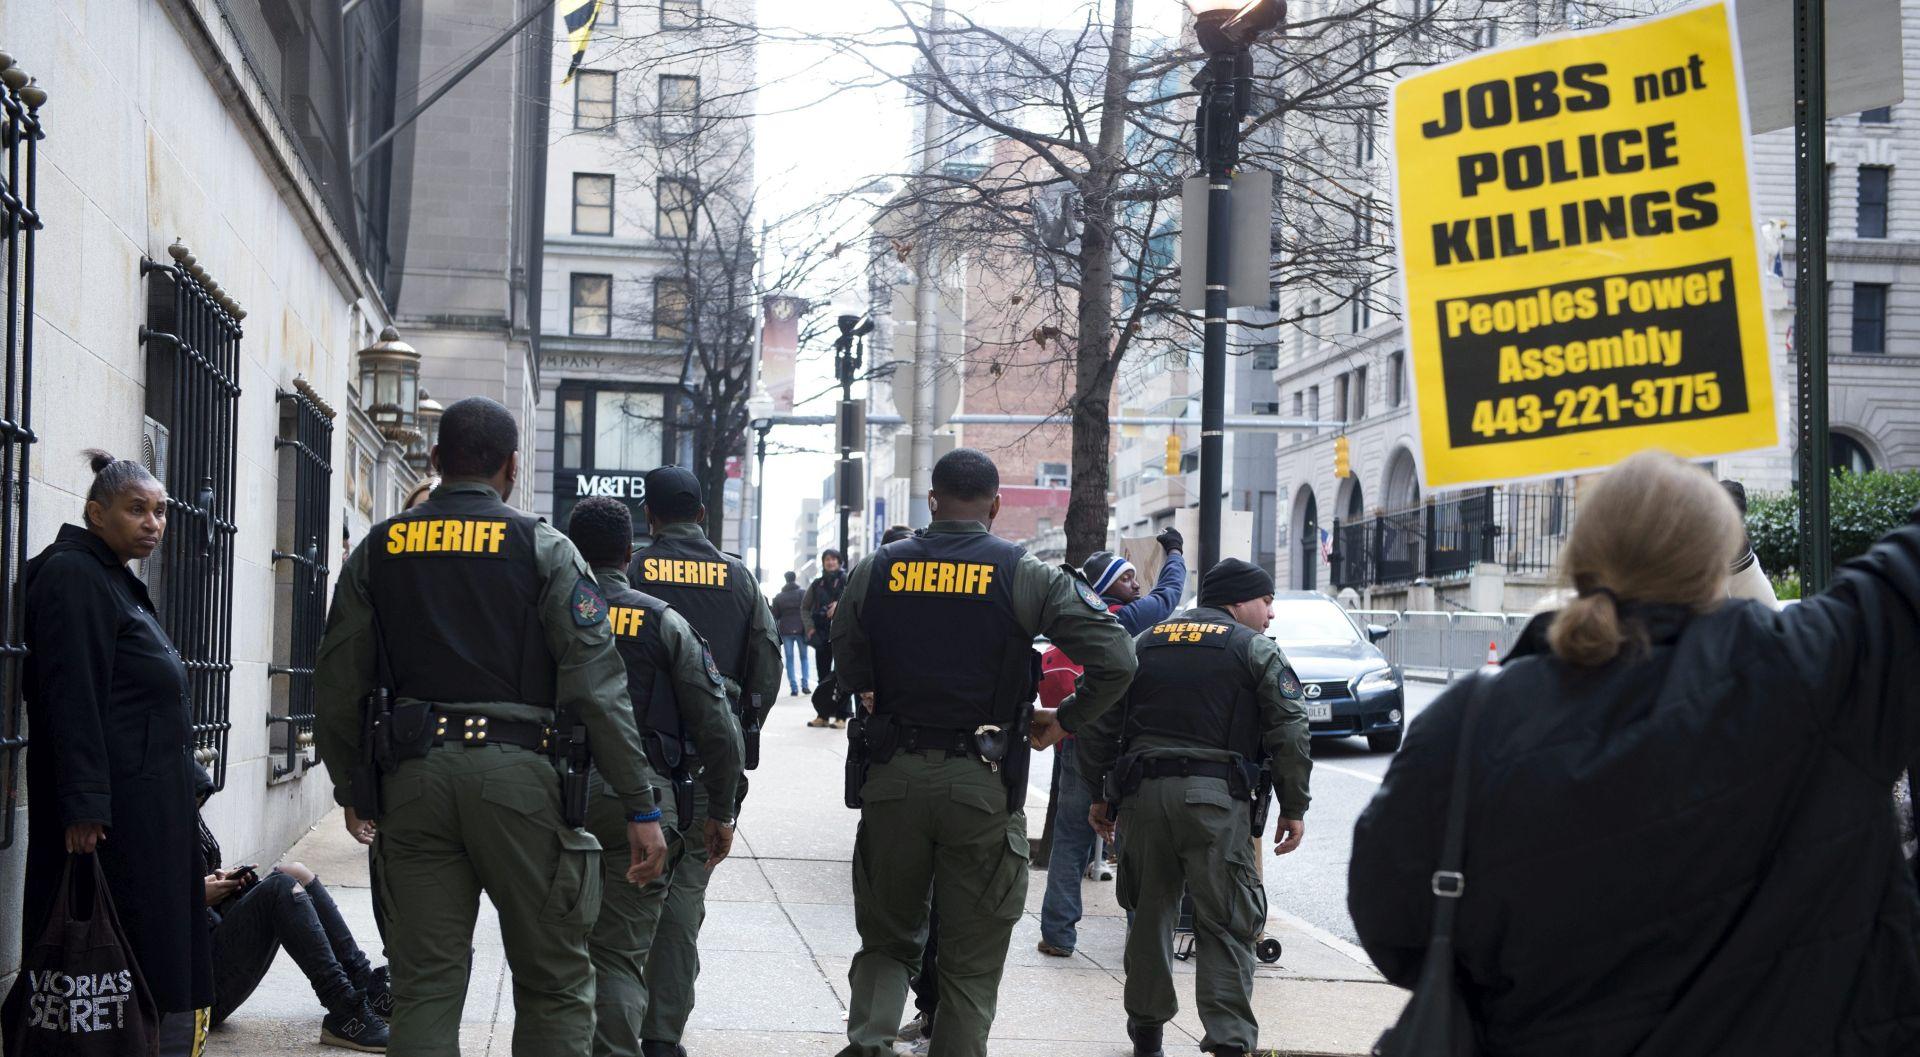 NIKAD RAZJAŠNJENE OKOLNOSTI Slučaj Freddie Grayja – svi policajci oslobođeni